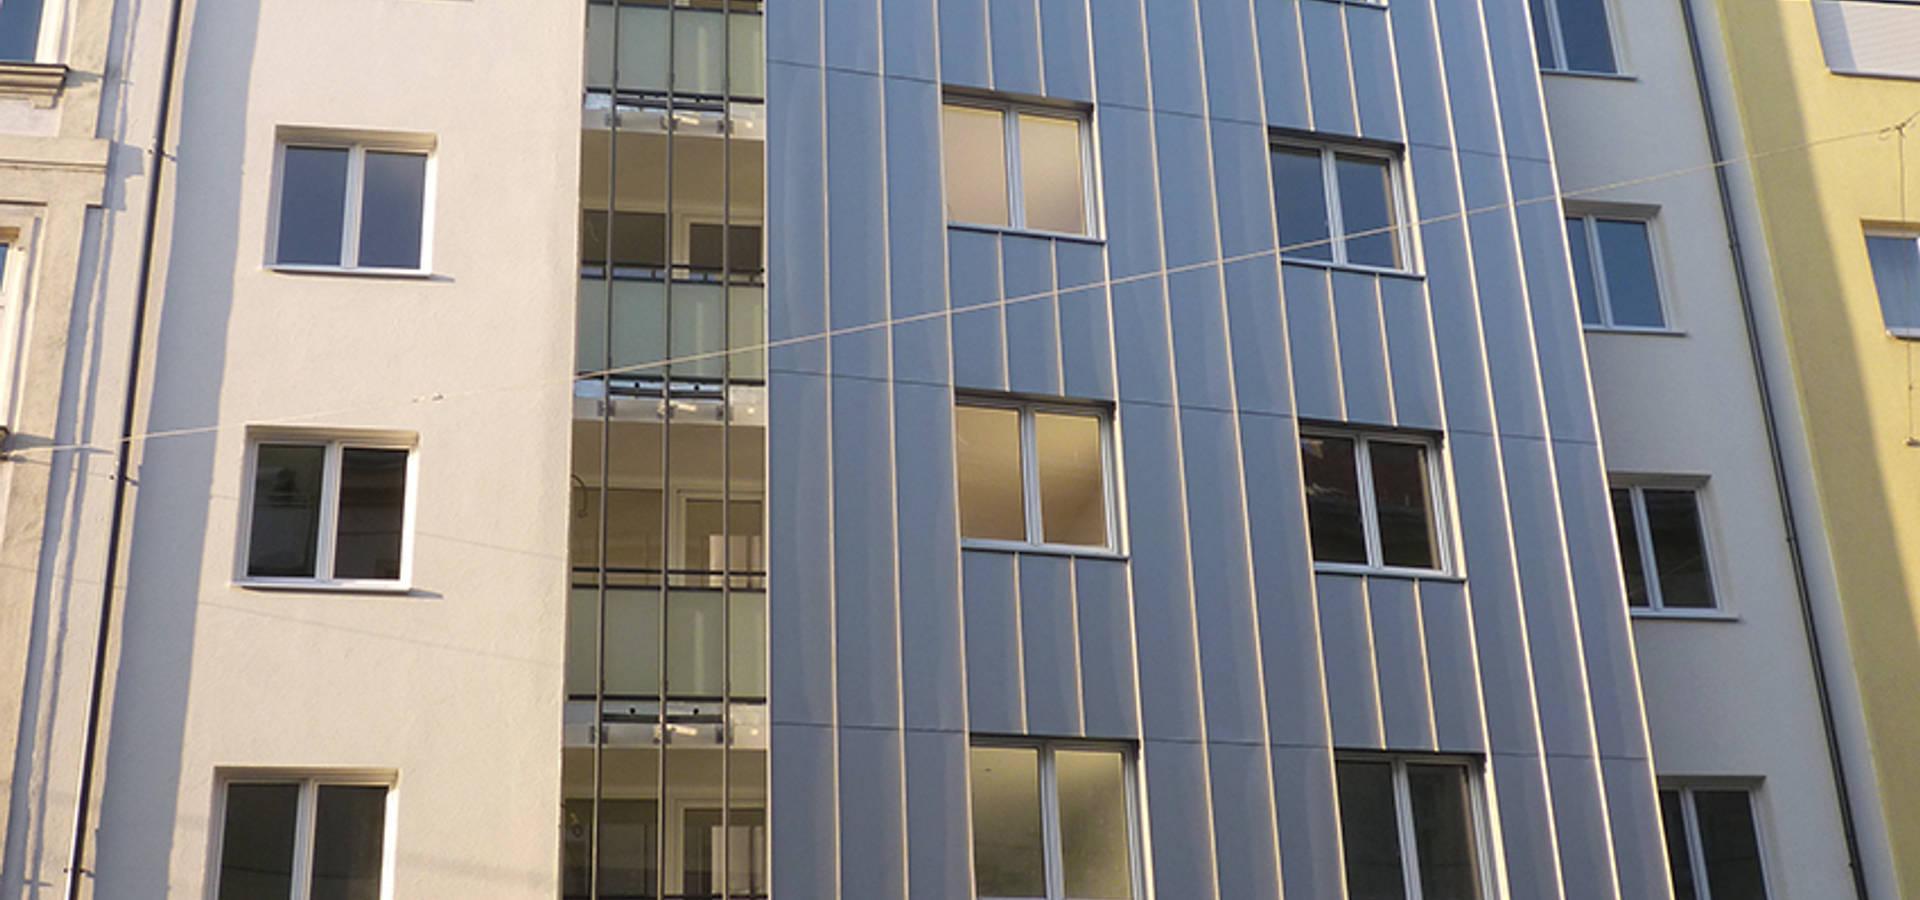 Angst Architektur ZT GmbH